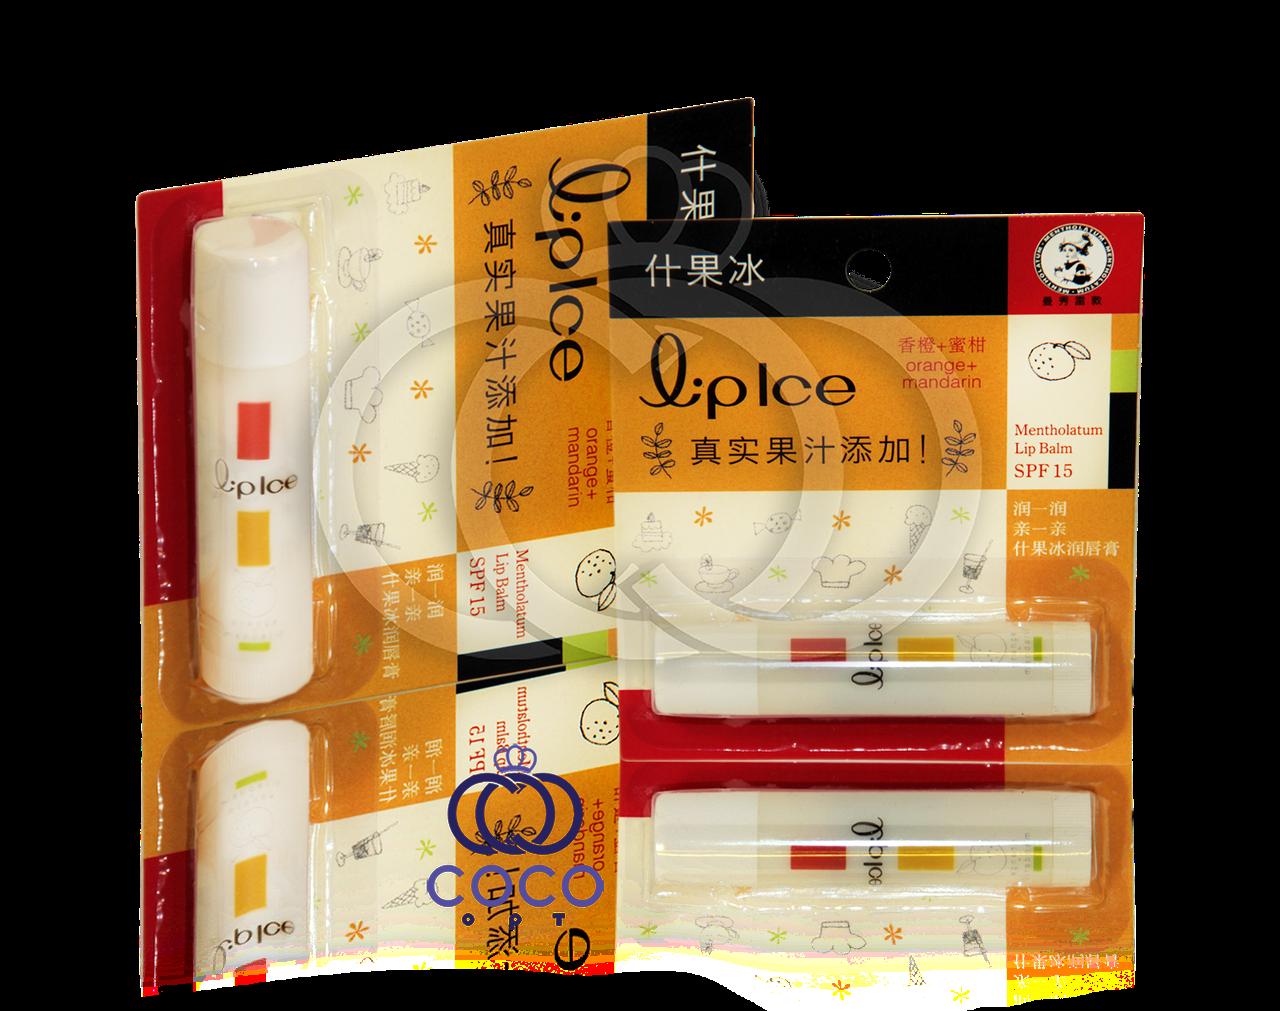 Корейская гигиеническая помада-бальзам для губ Mentholatum Lip Ice Orange + Mandarin